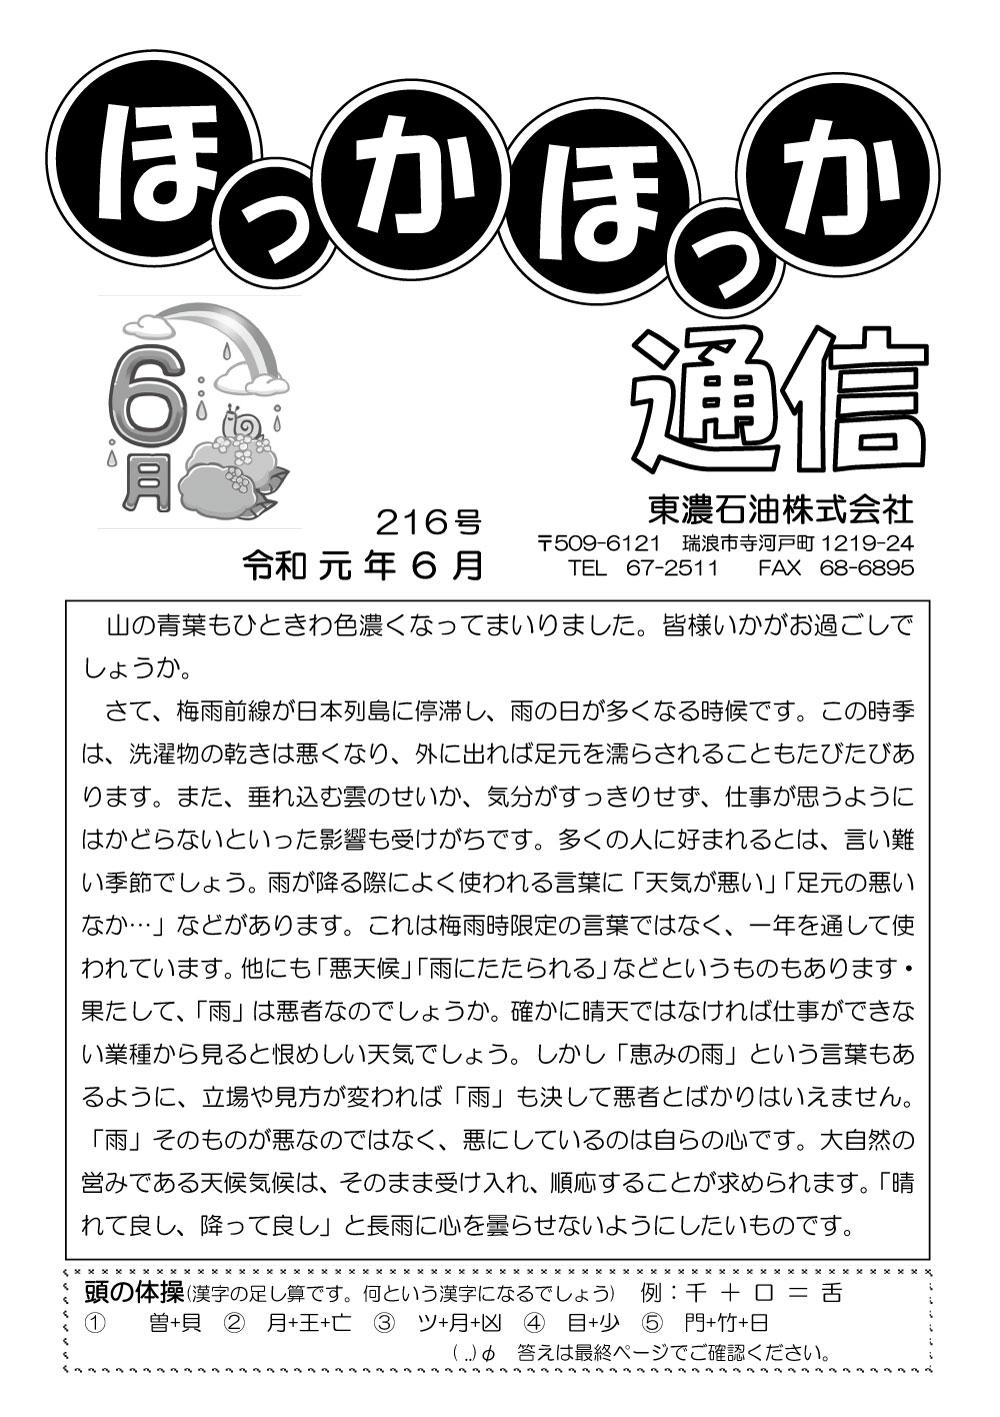 ほっかほっか通信216号(令和元年6月)掲載しました。